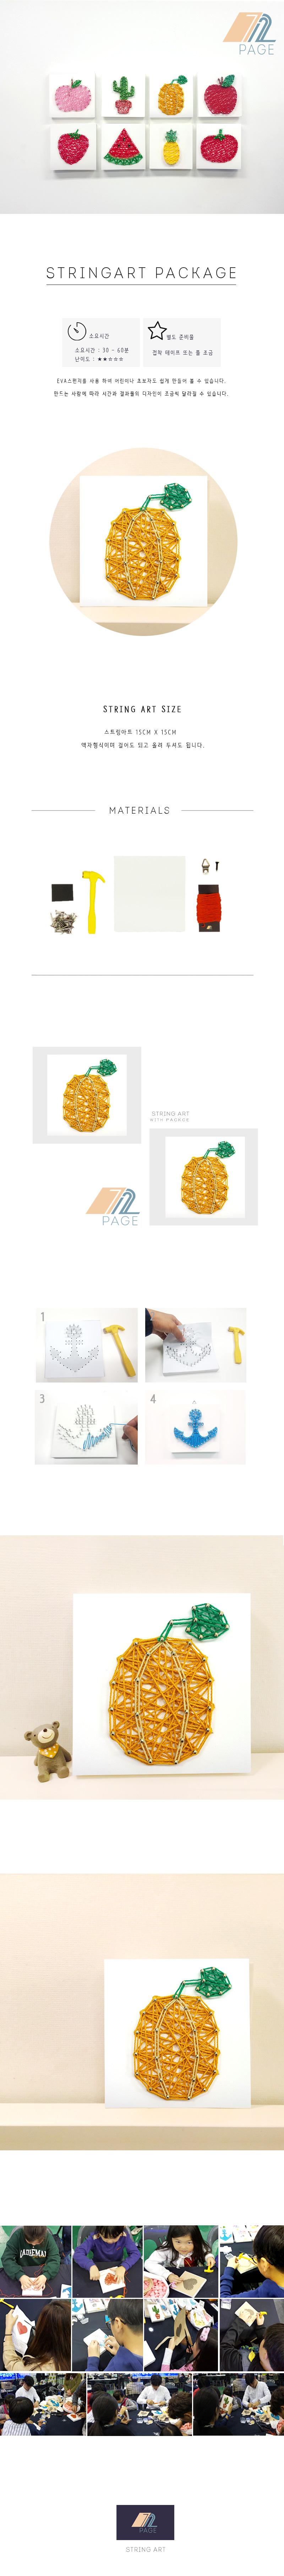 꼬마 참외 스트링아트 만들기 패키지 DIY (EVA) - 72페이지, 10,000원, DIY그리기, 스트링아트